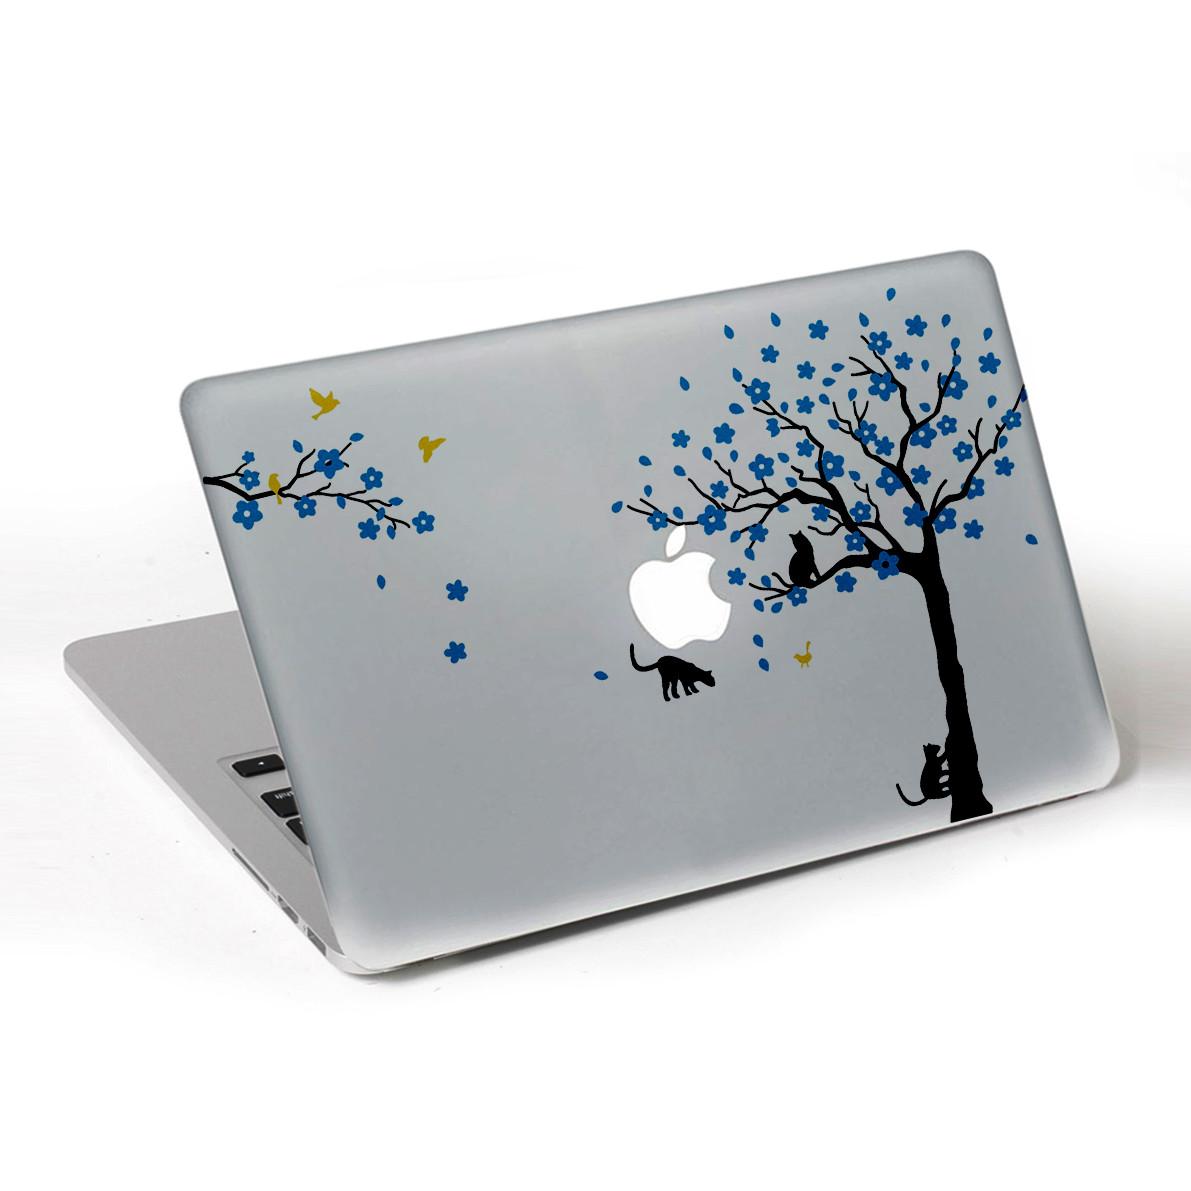 Miếng Dán Trang Trí Dành Cho Macbook Mac - 165